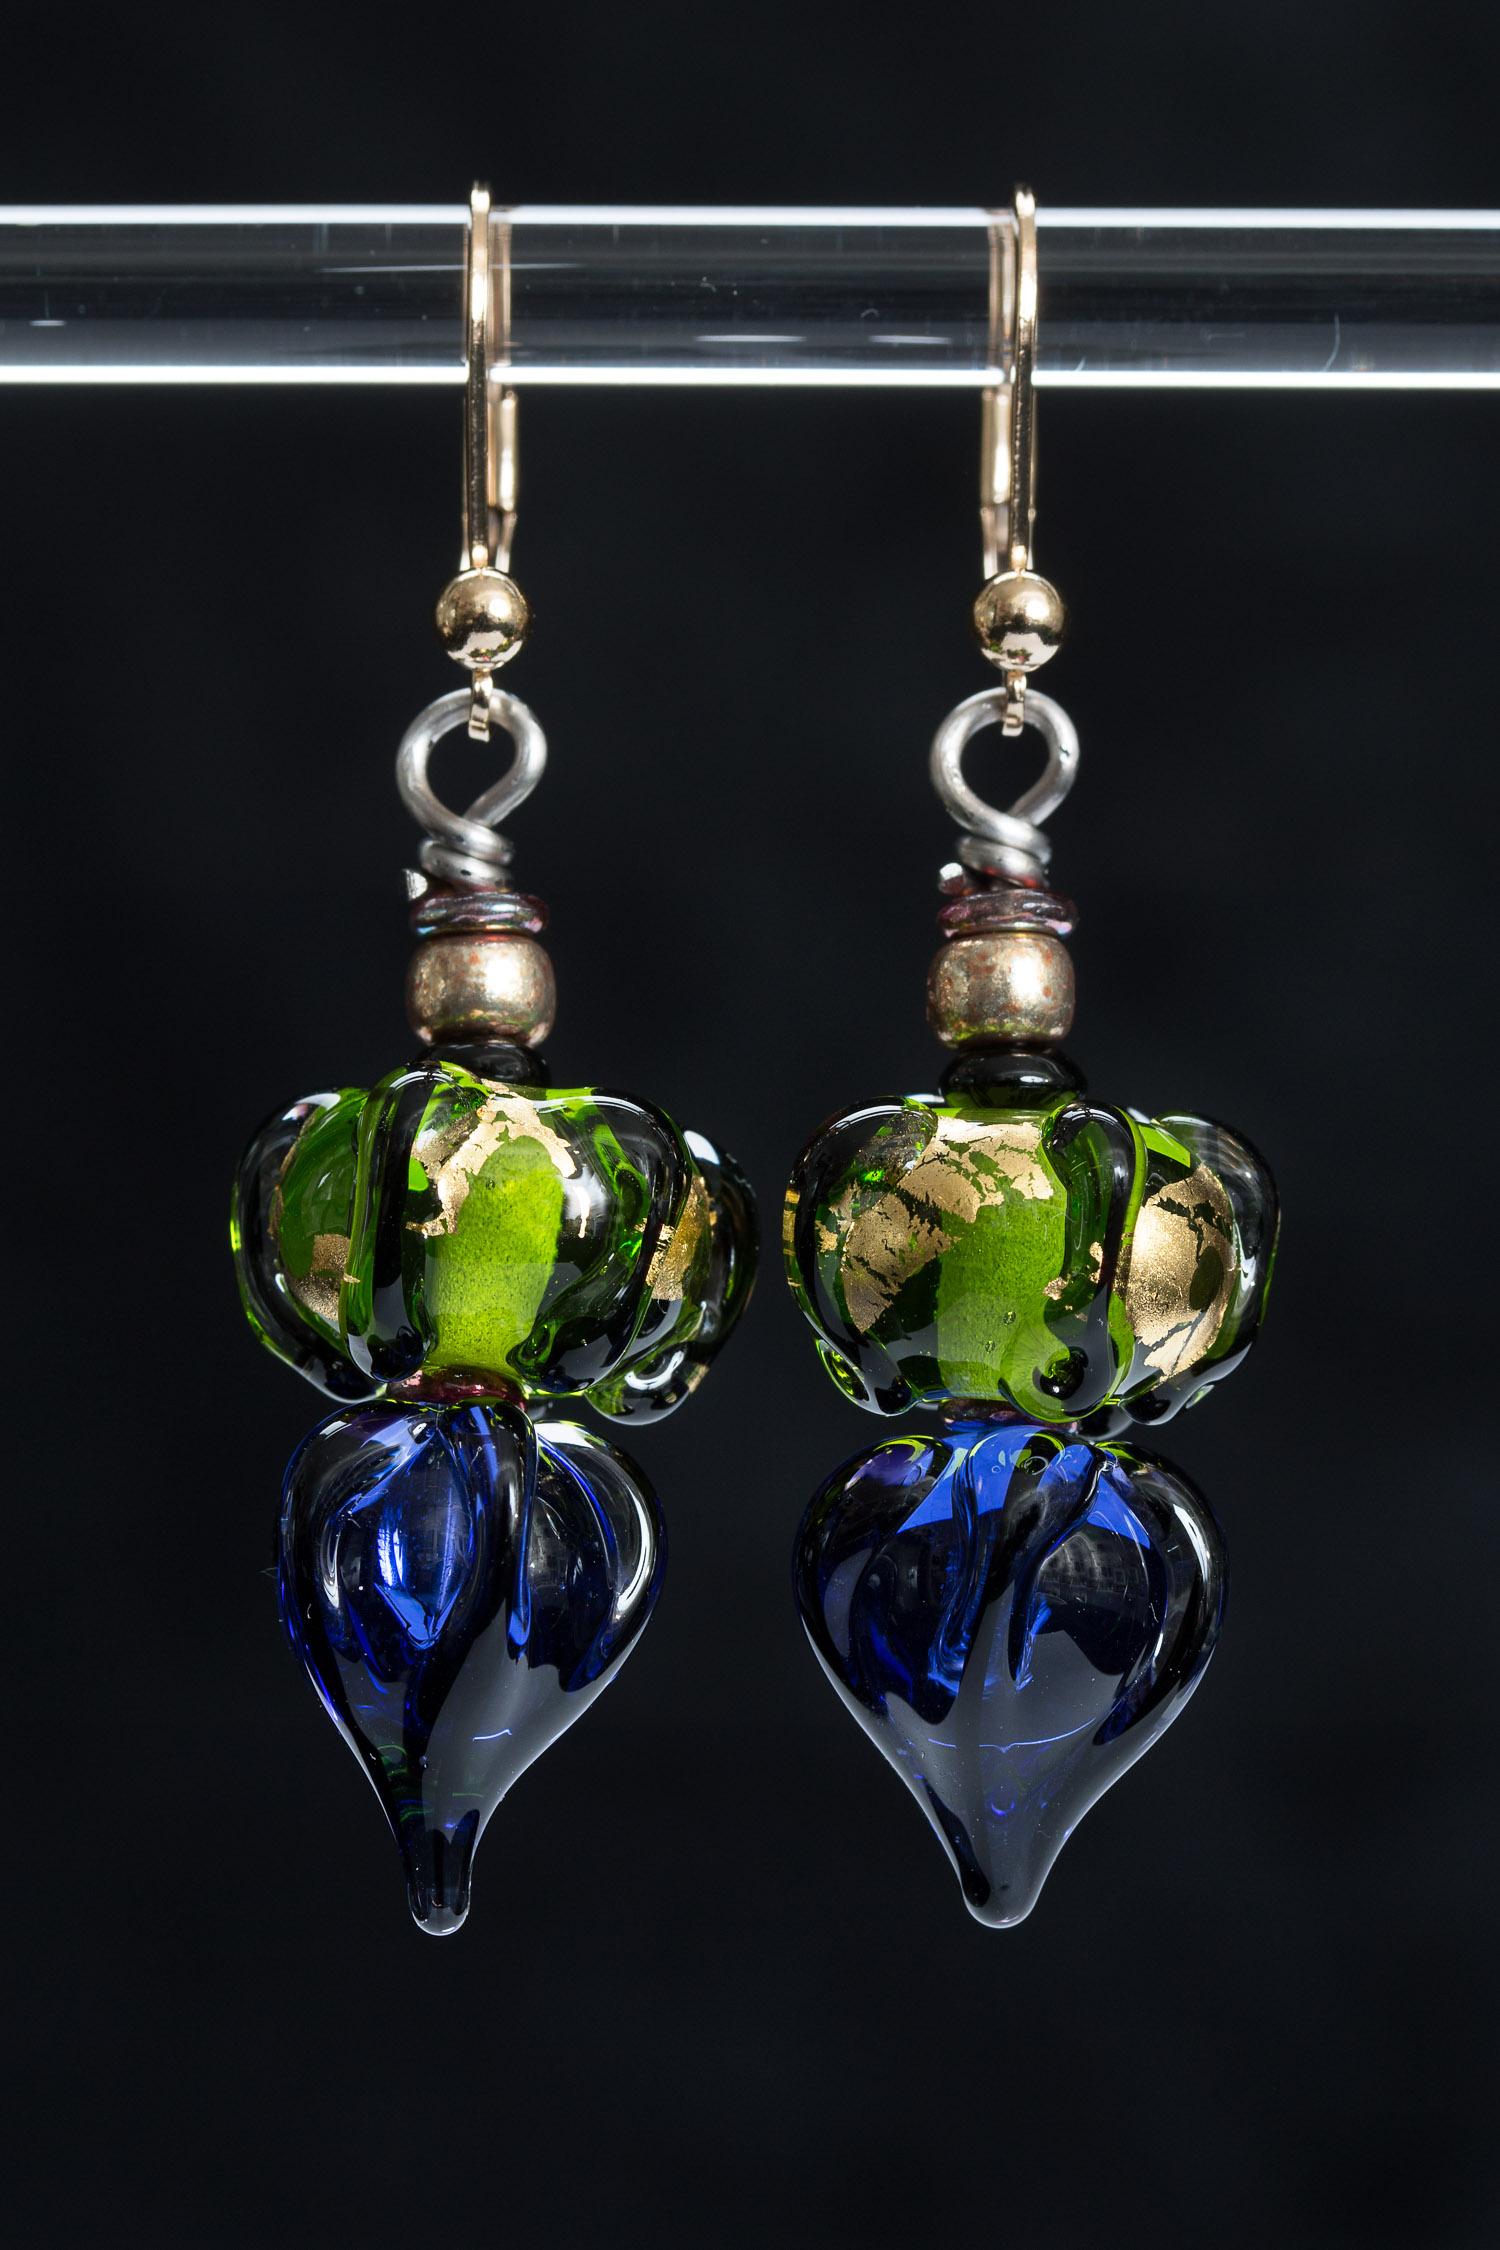 Blue/Green Lantern Earrings